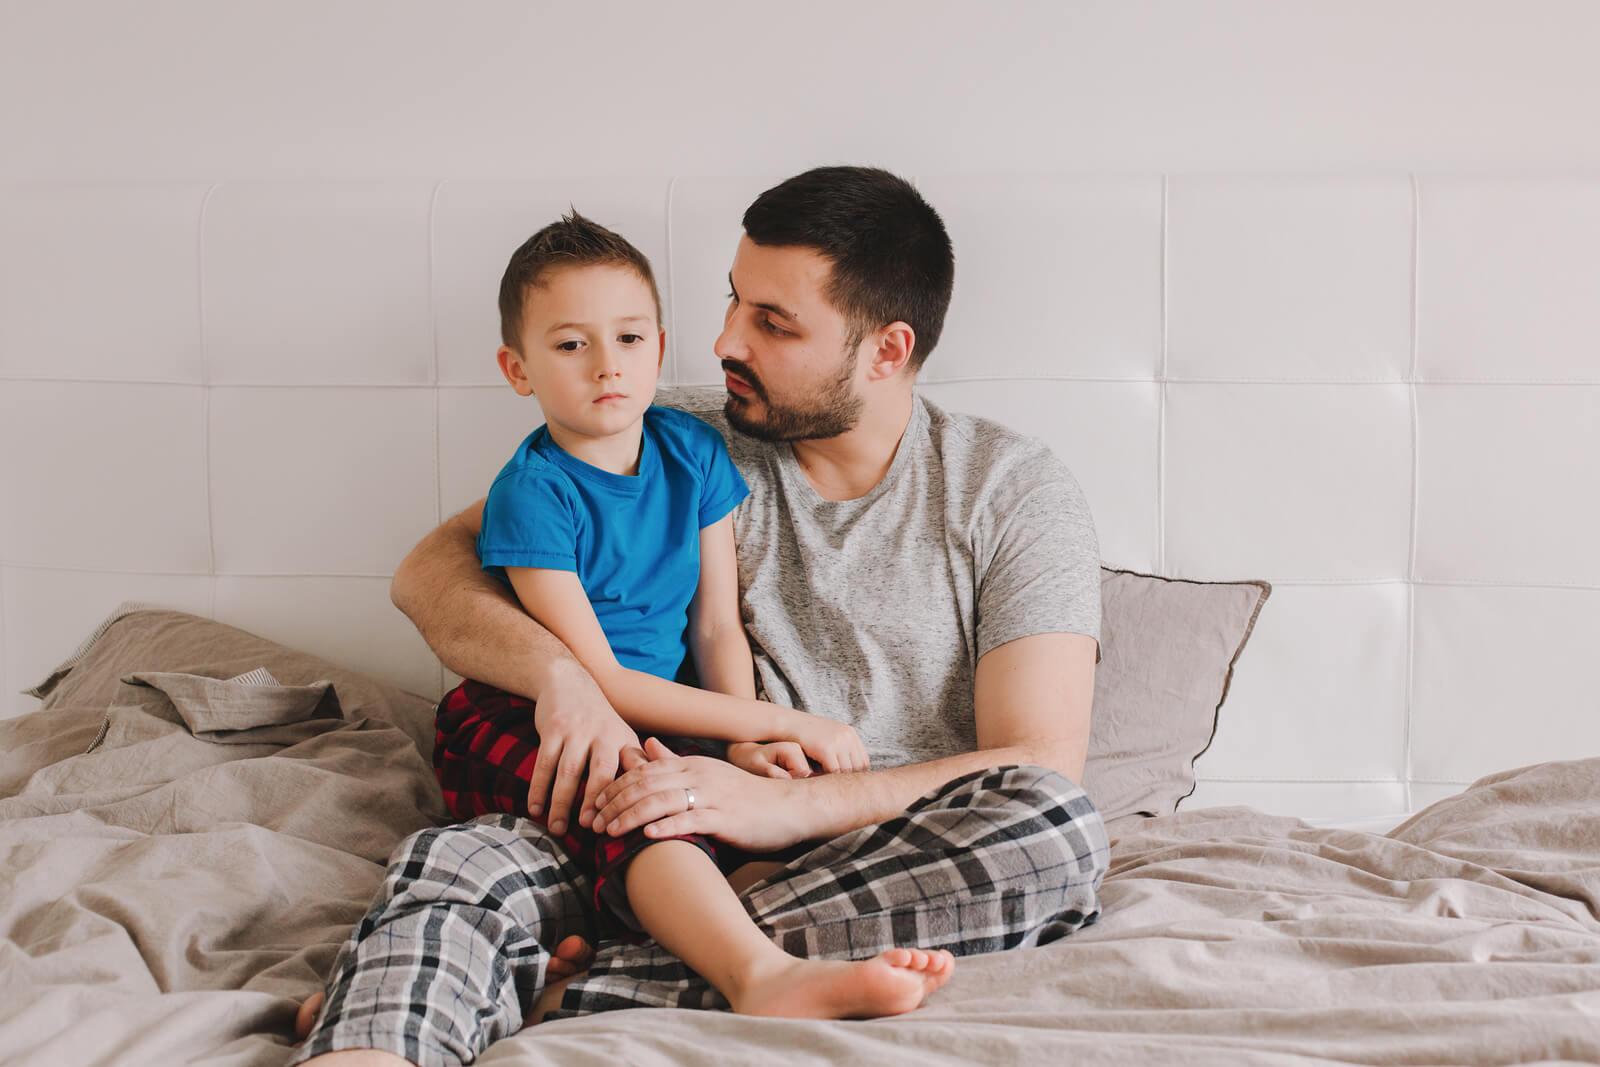 Padre hablando con su hijo sentados en la cama para mejorar la disfluencia del habla del pequeño.